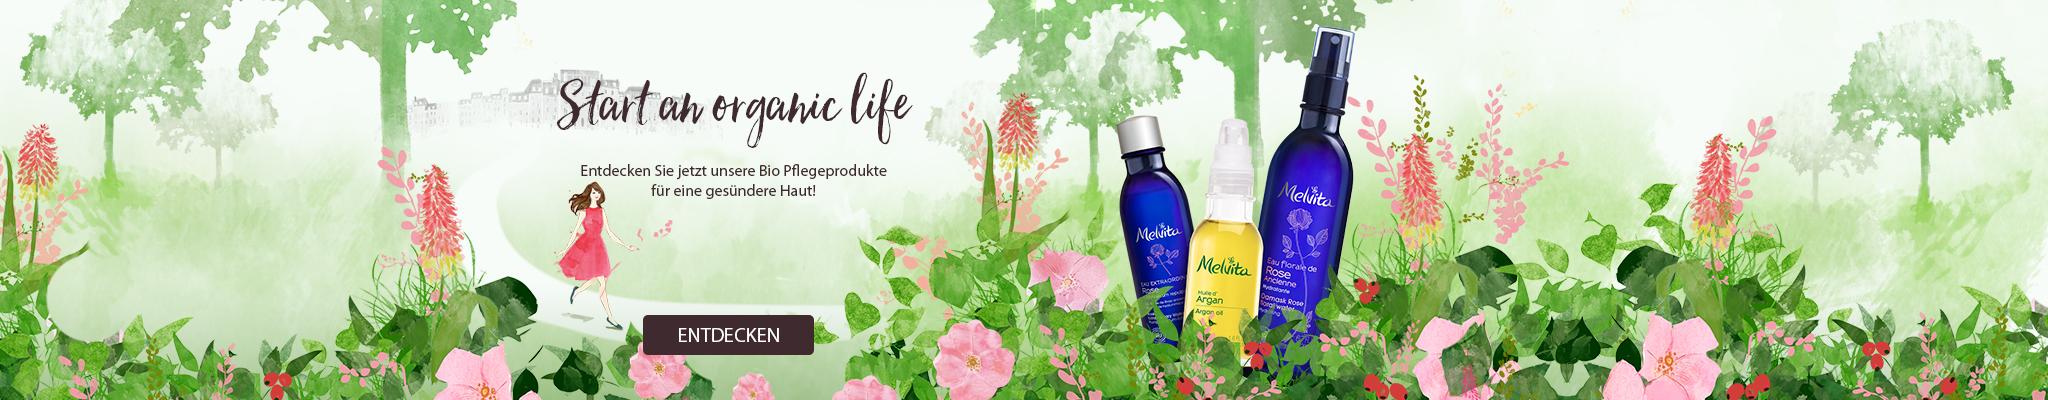 start an organic life